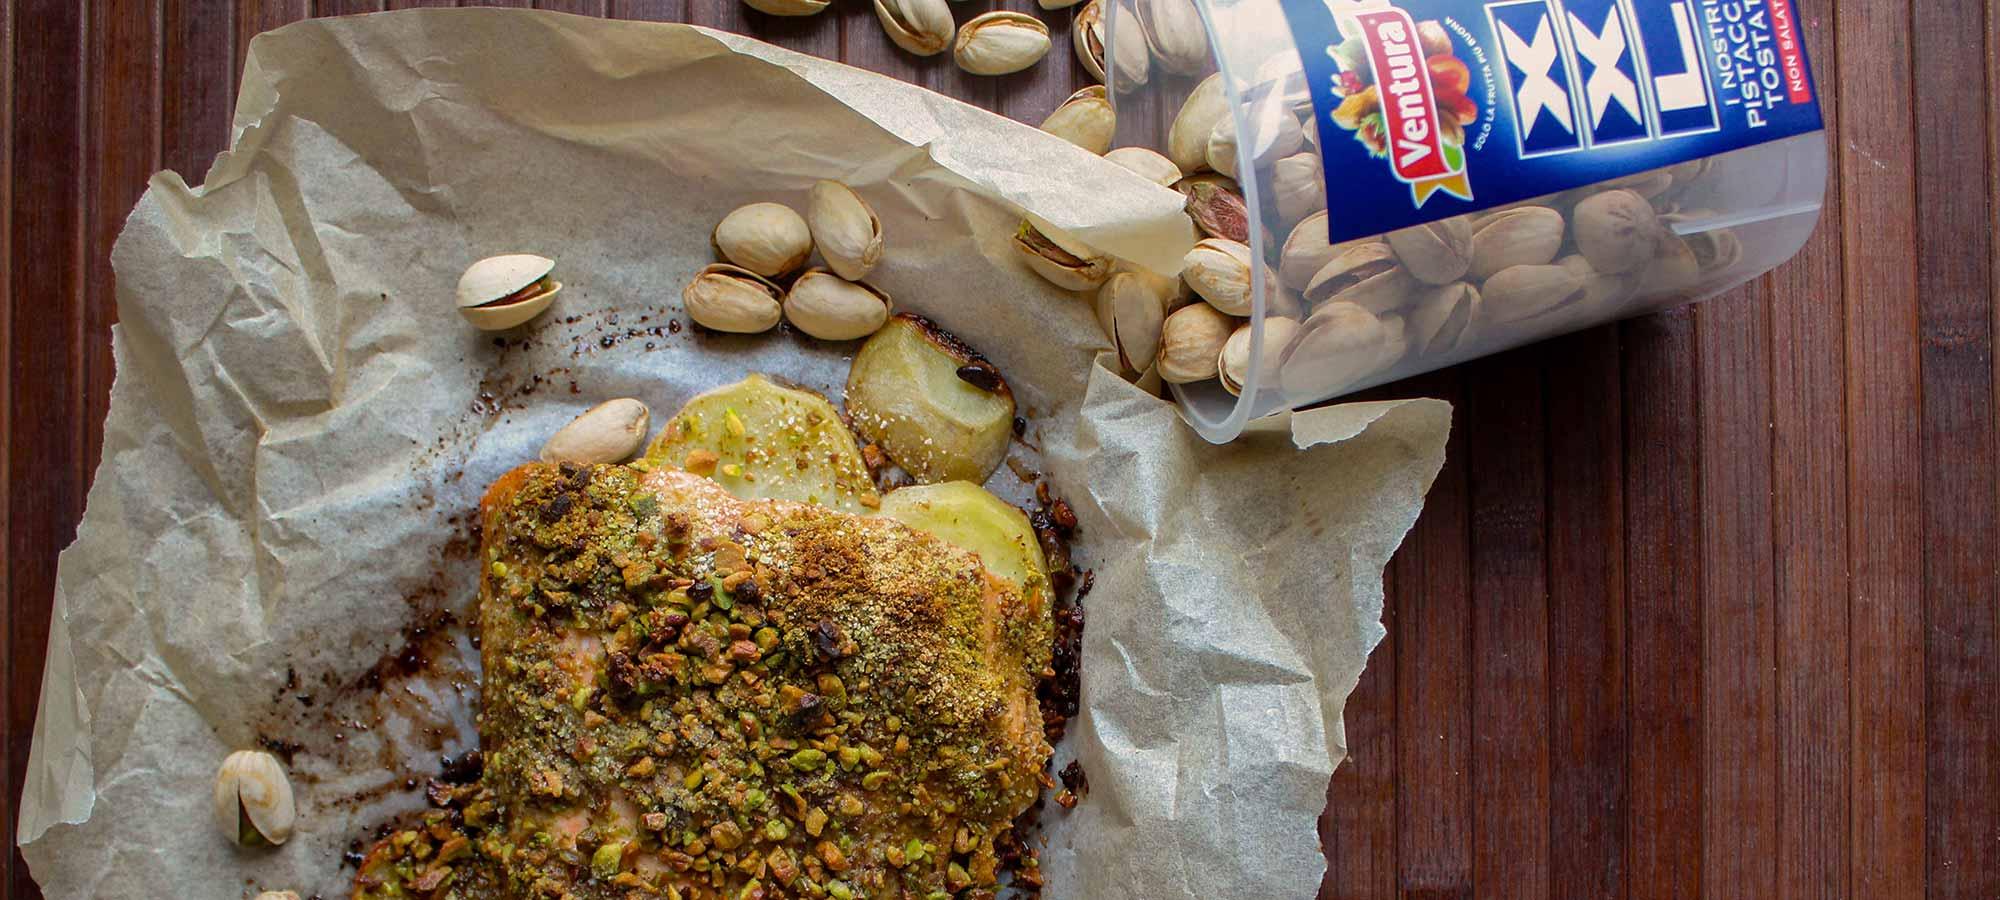 Salmone al forno in crosta di pistacchi Ventura